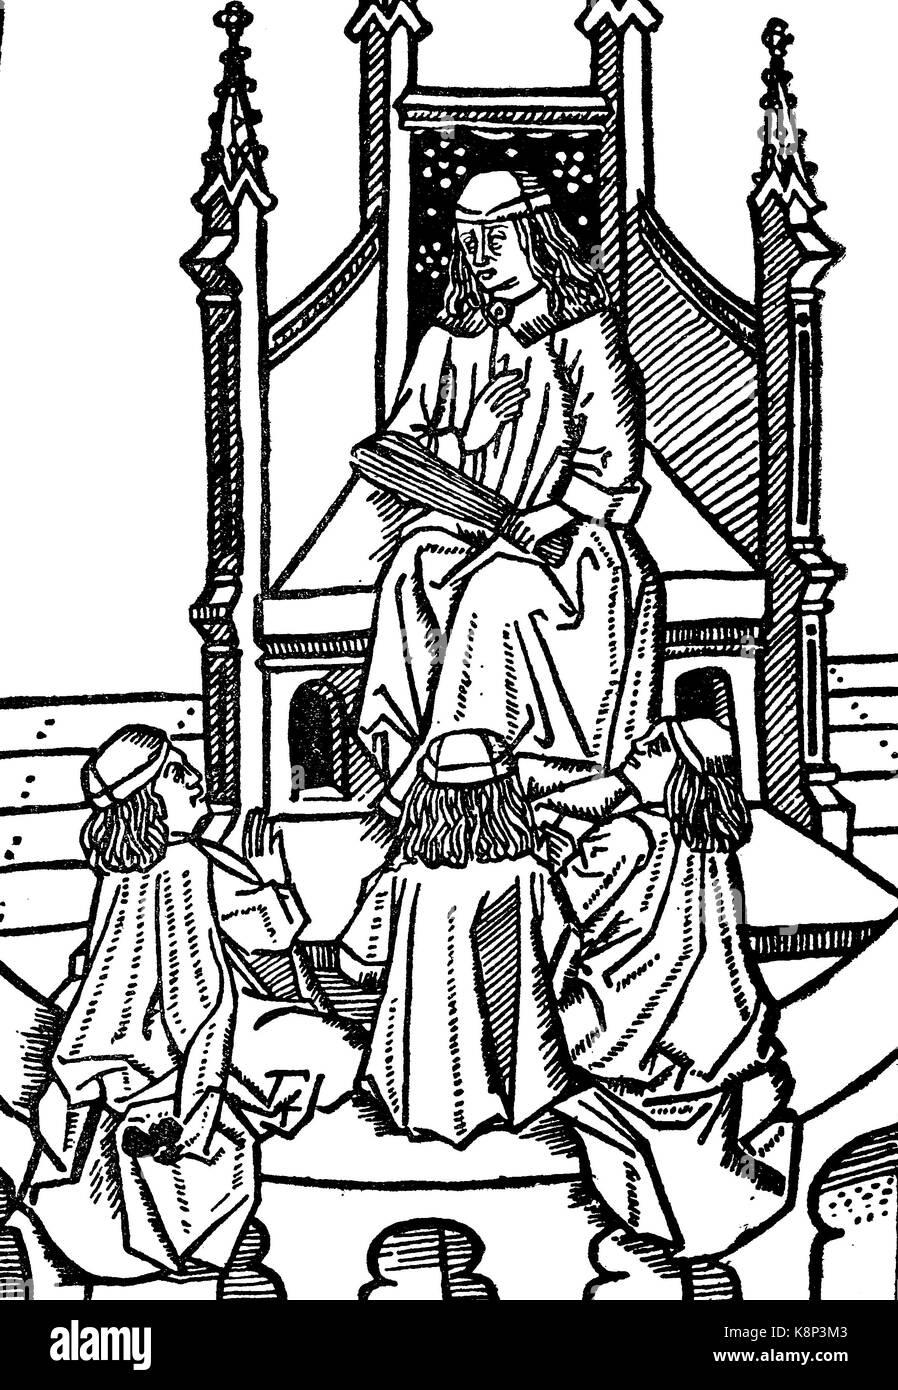 teacher with 3 pupils, Lehrer mit drei Schülern, Holzschnitt aus Opusculum quintupartitum grammaticale, 1446, - Stock Image